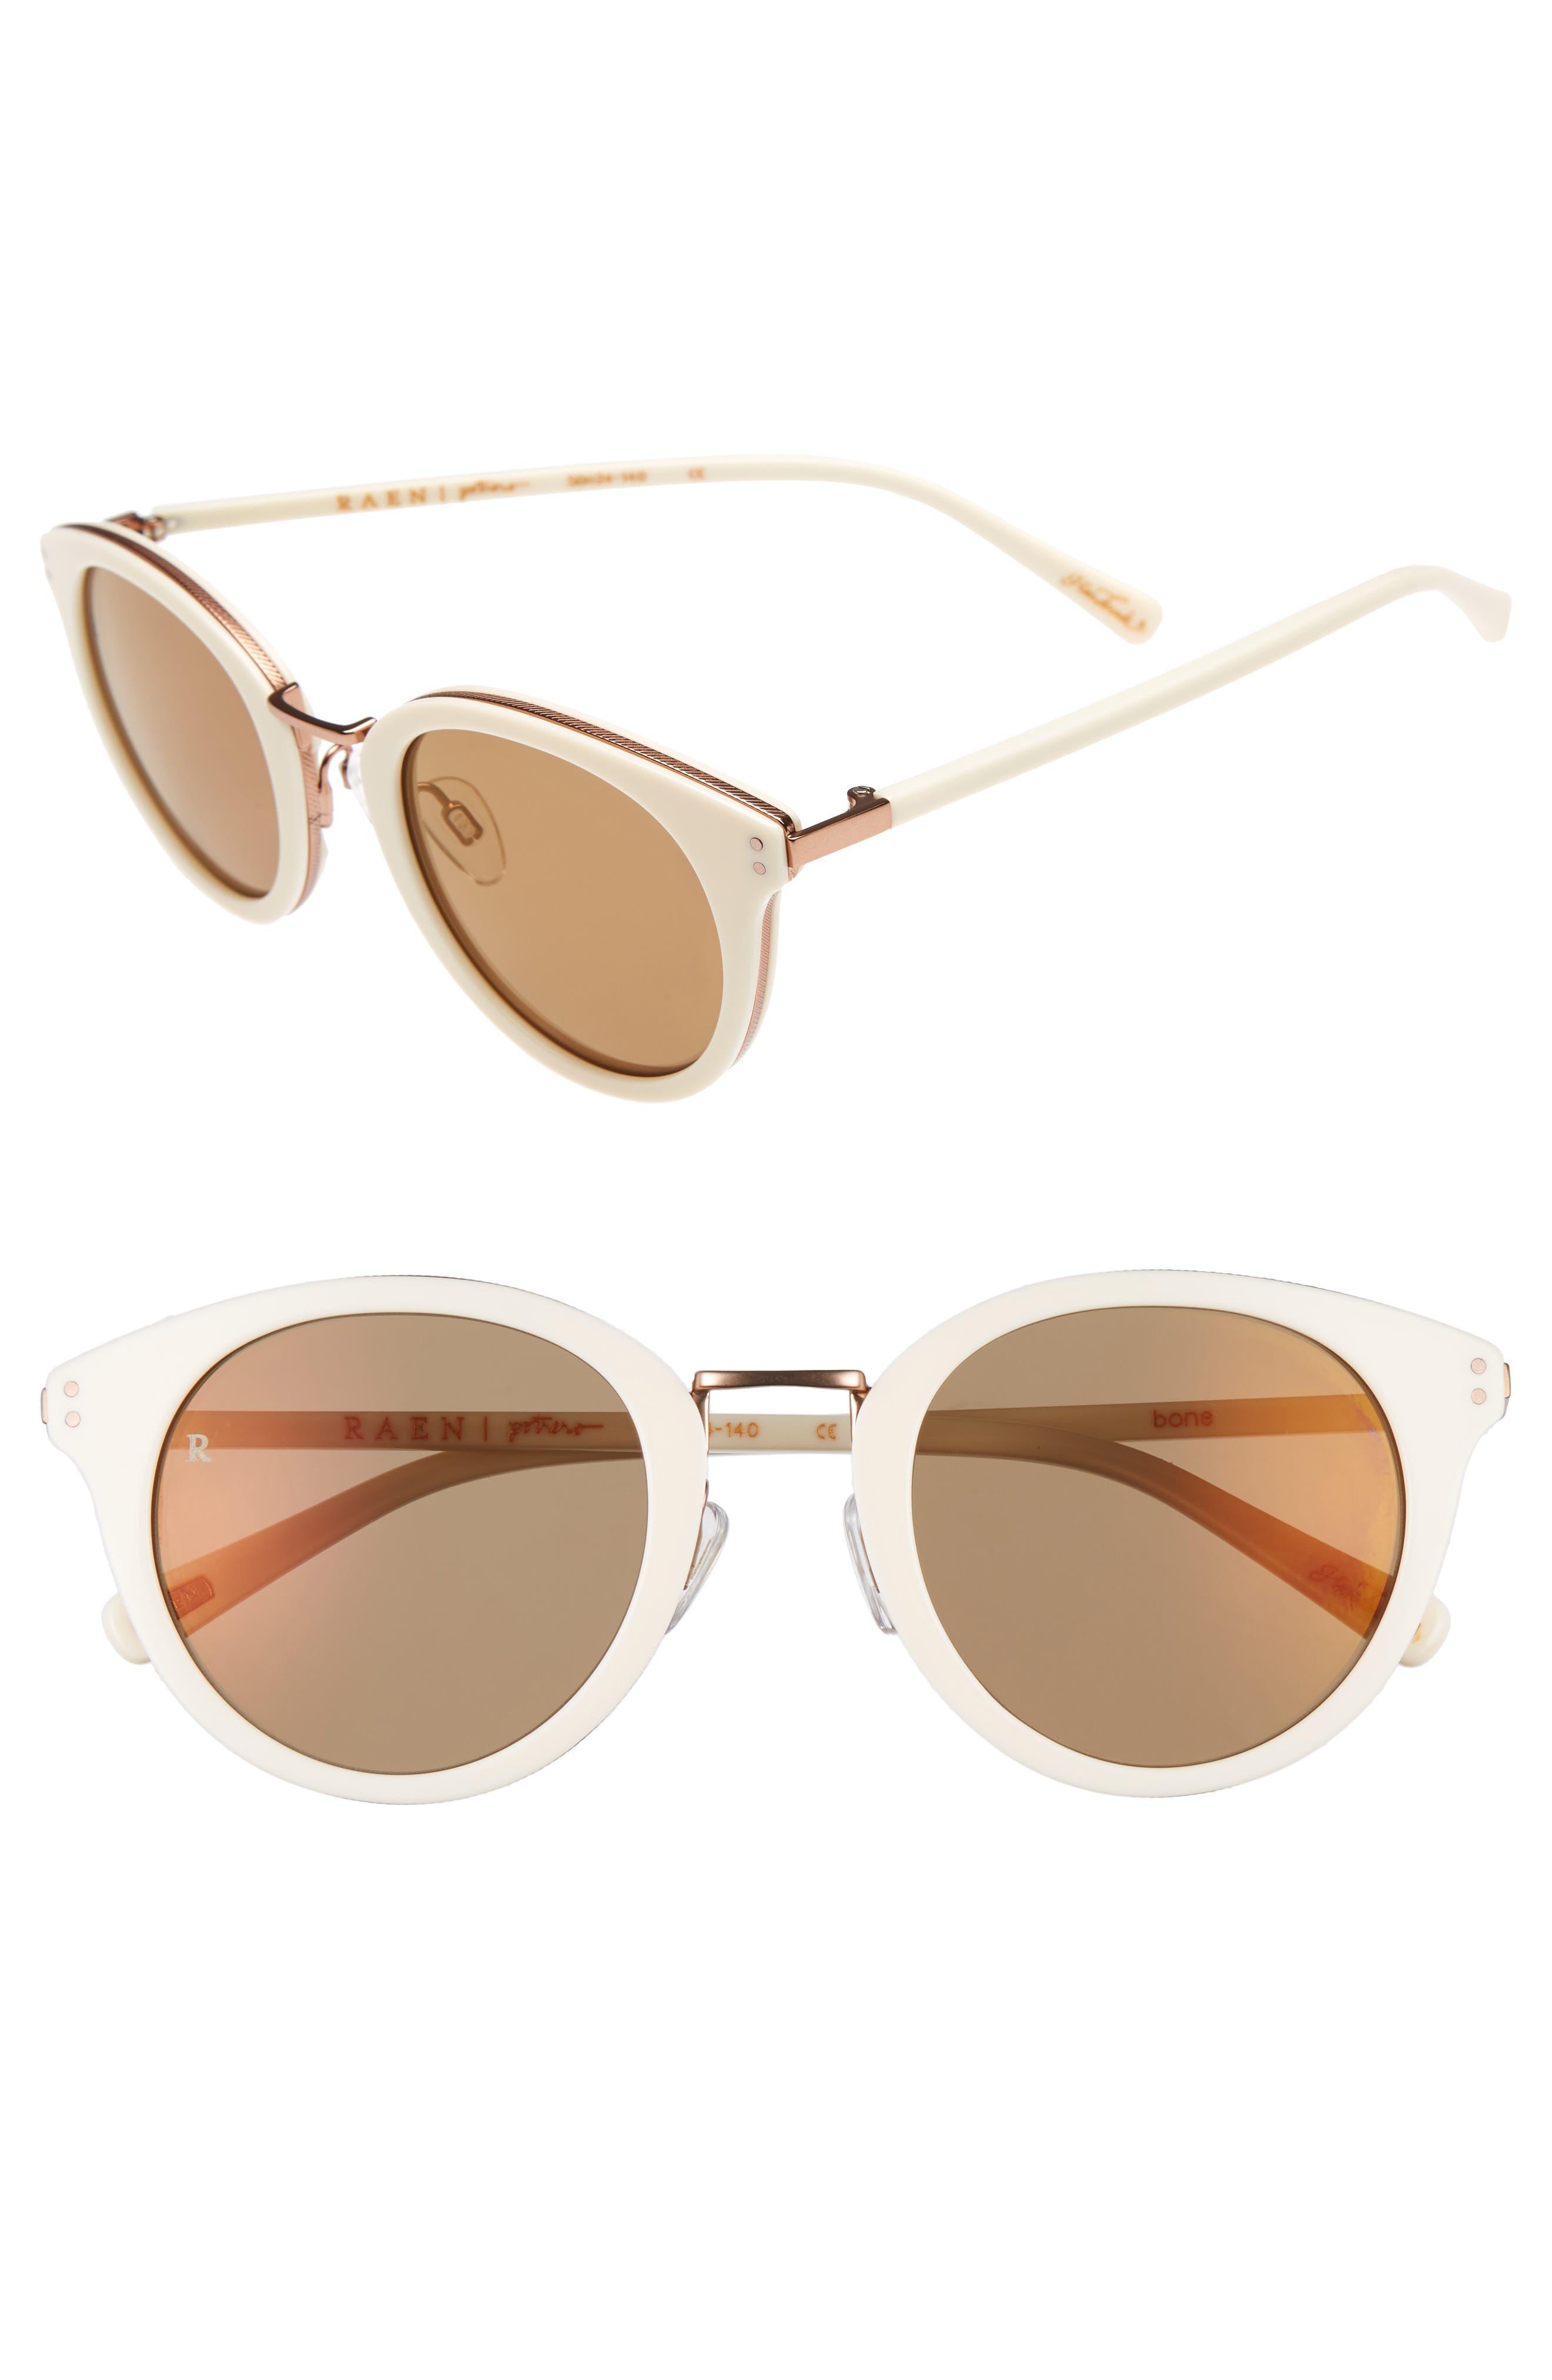 Portrero 50mm Sunglasses,                         Main,                         color, 100